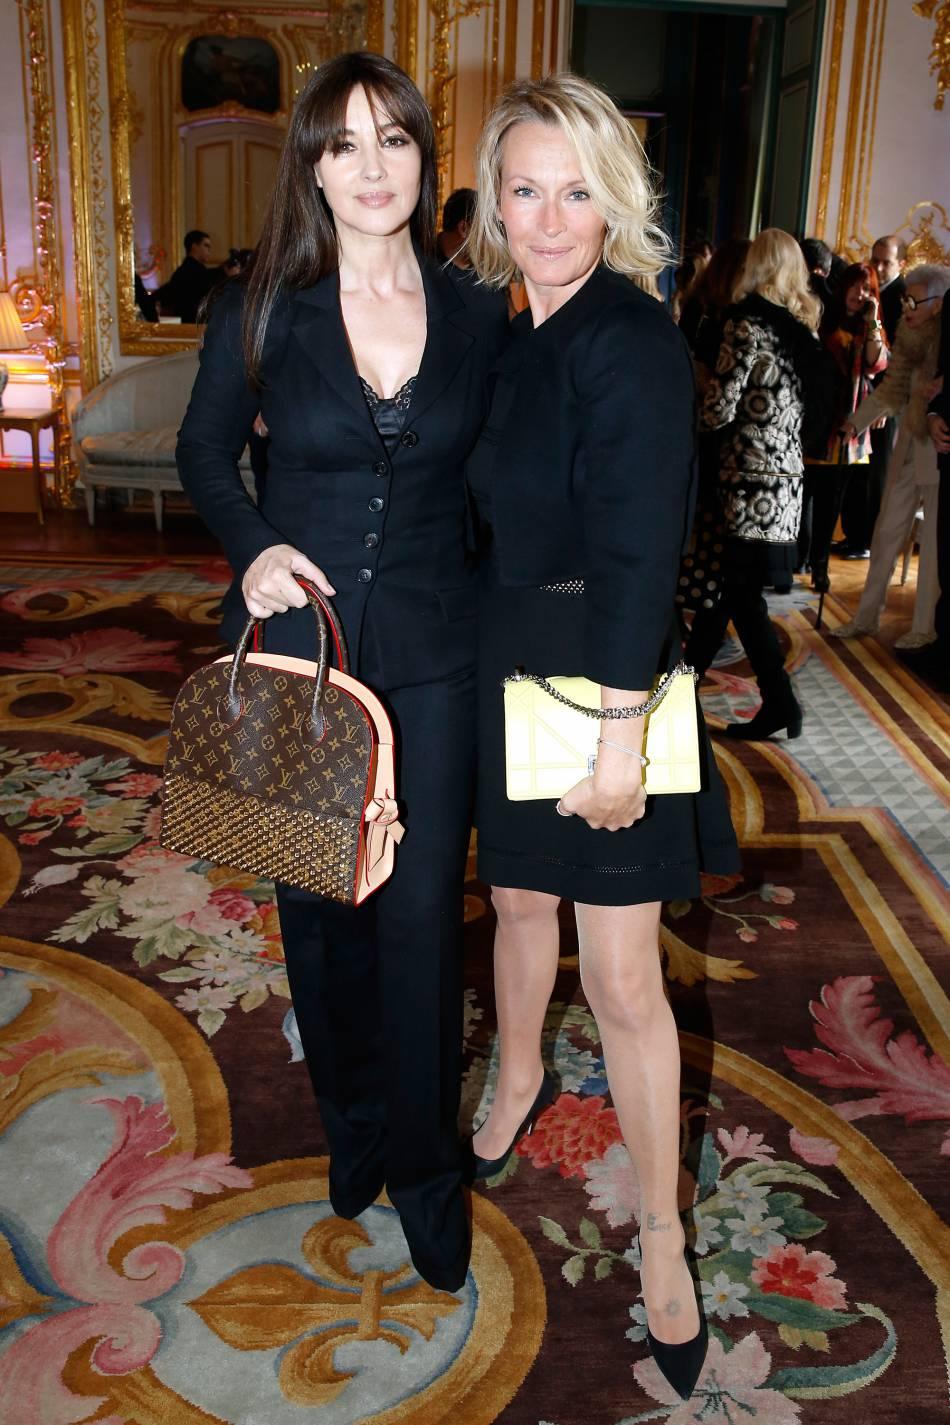 """Estelle Lefébure et Monica Bellucci à l'""""International Women's Day Luncheon in Support of Equality and Safety for All"""" organisé en marge de la Fashion Week de Paris le 3 mars 2016."""